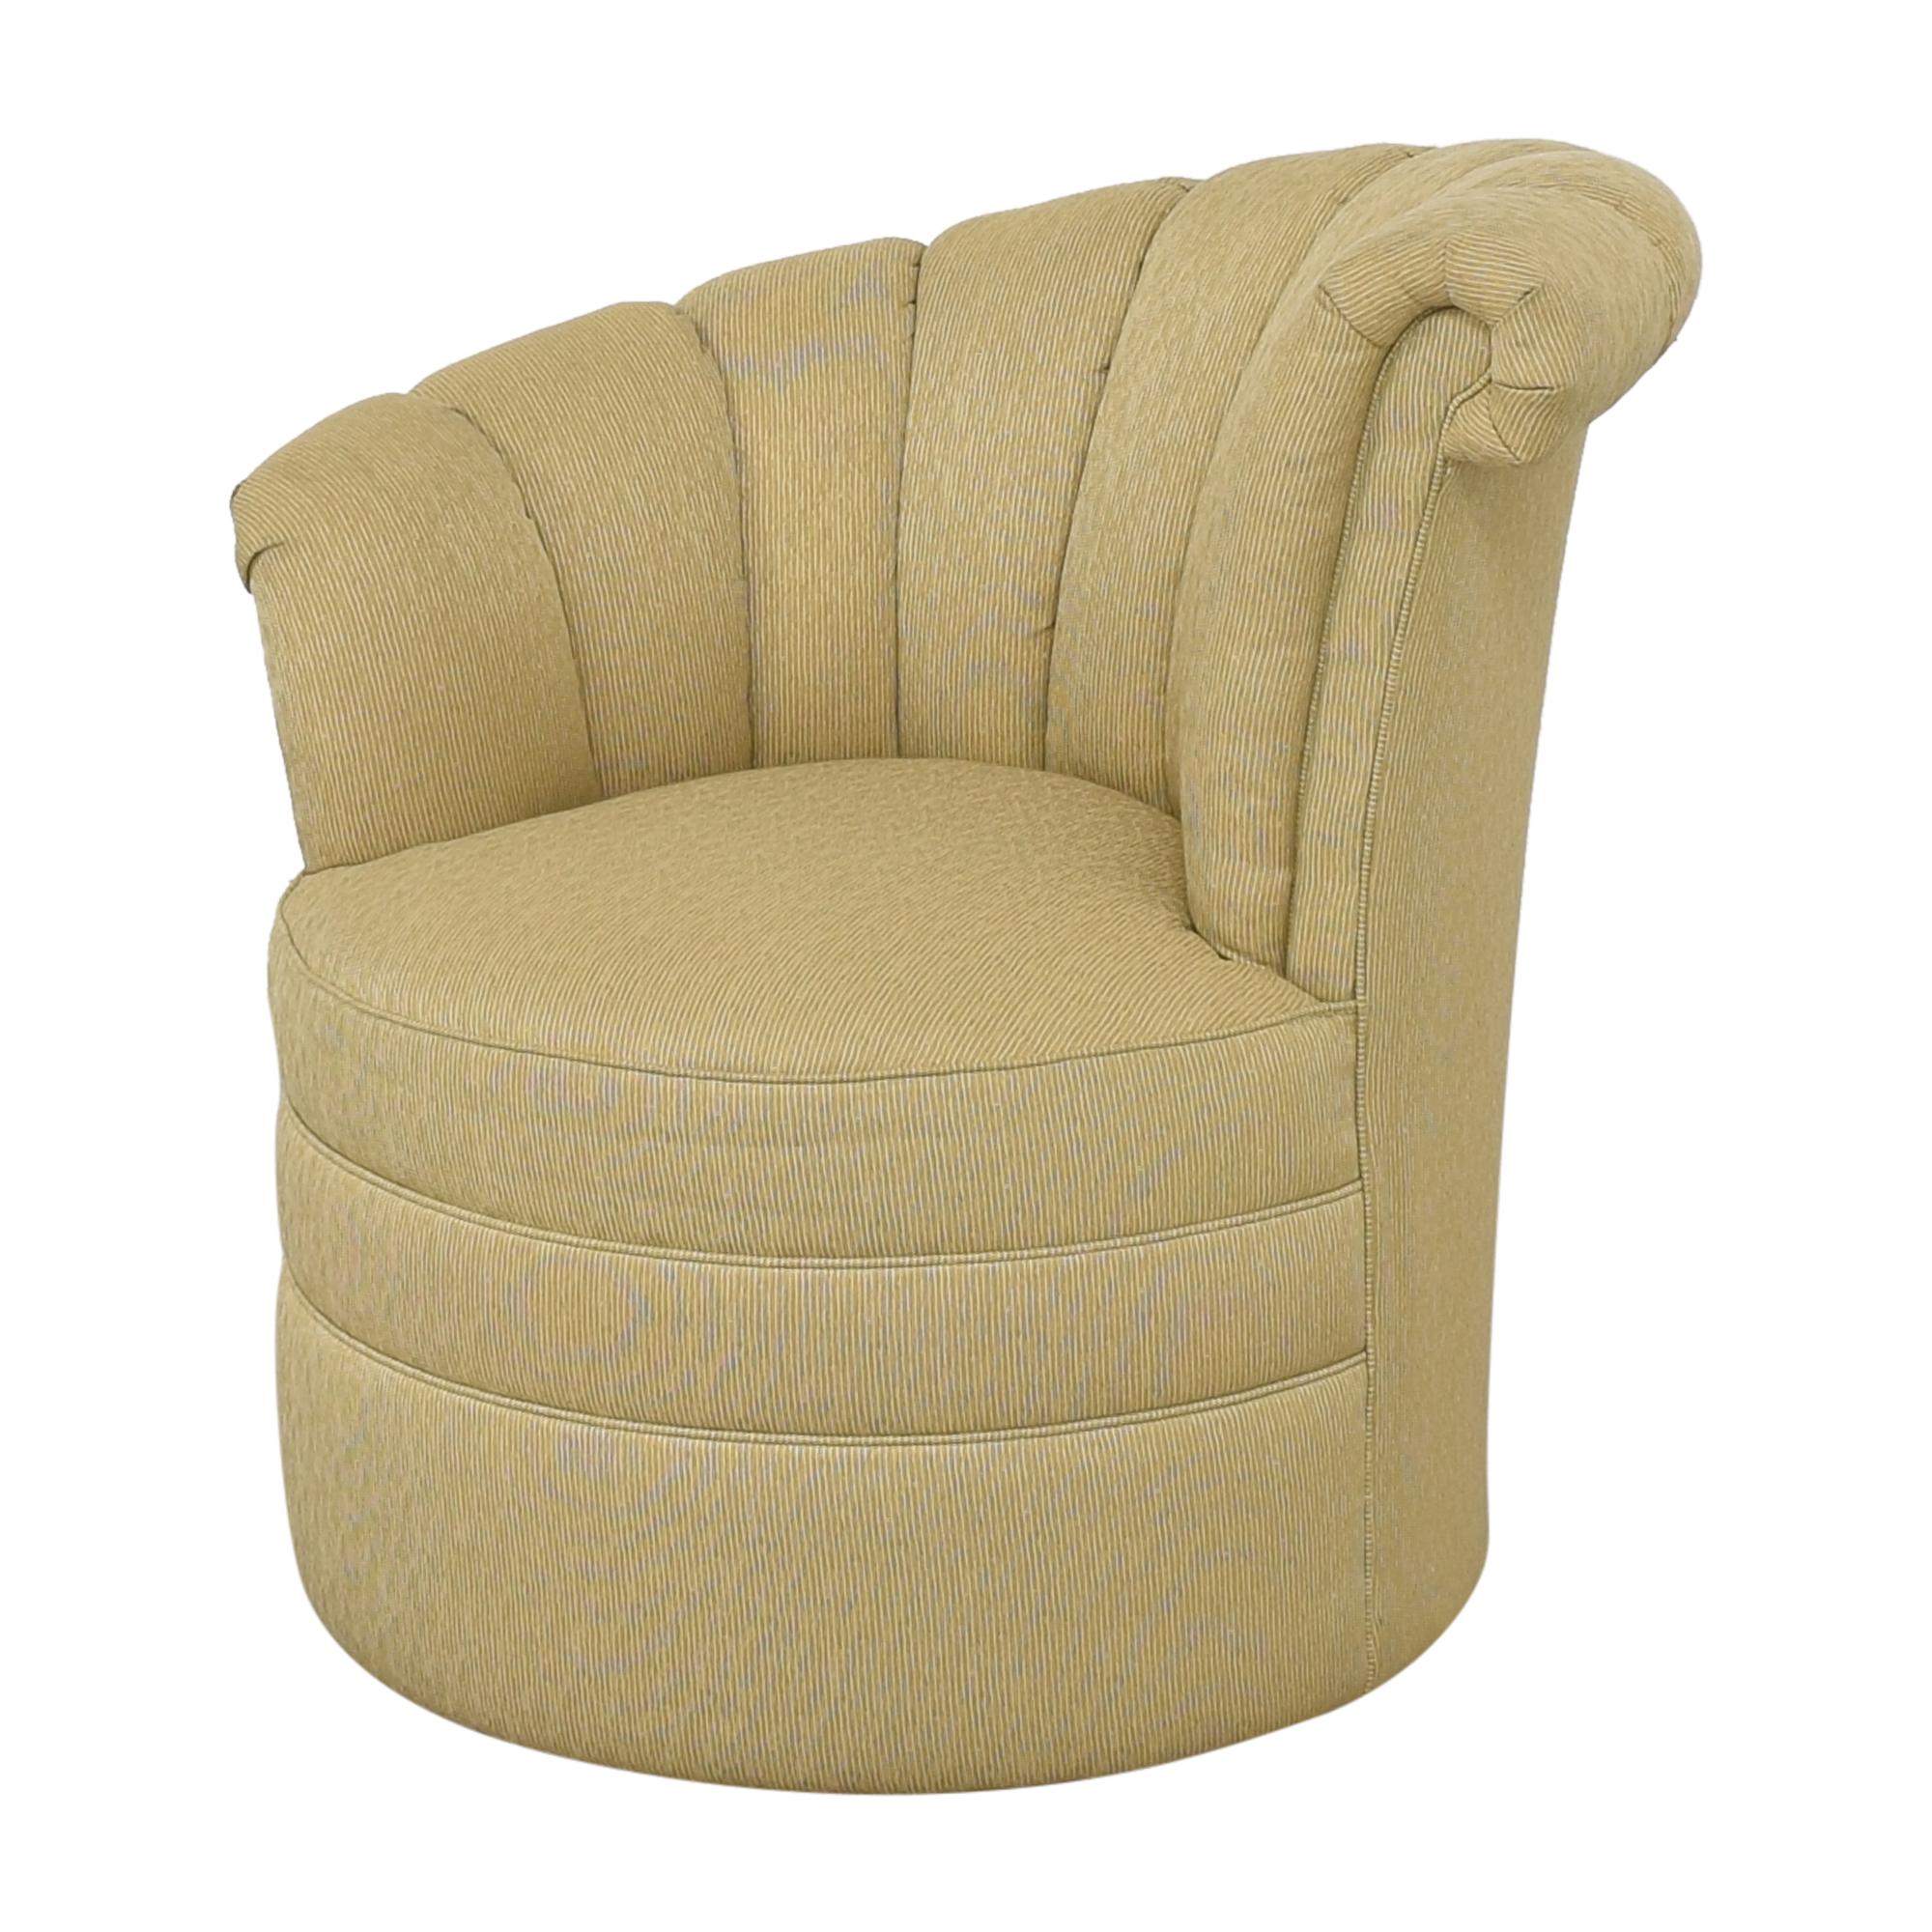 Thomasville Thomasville Starlet Left Arm Swivel Chair nj